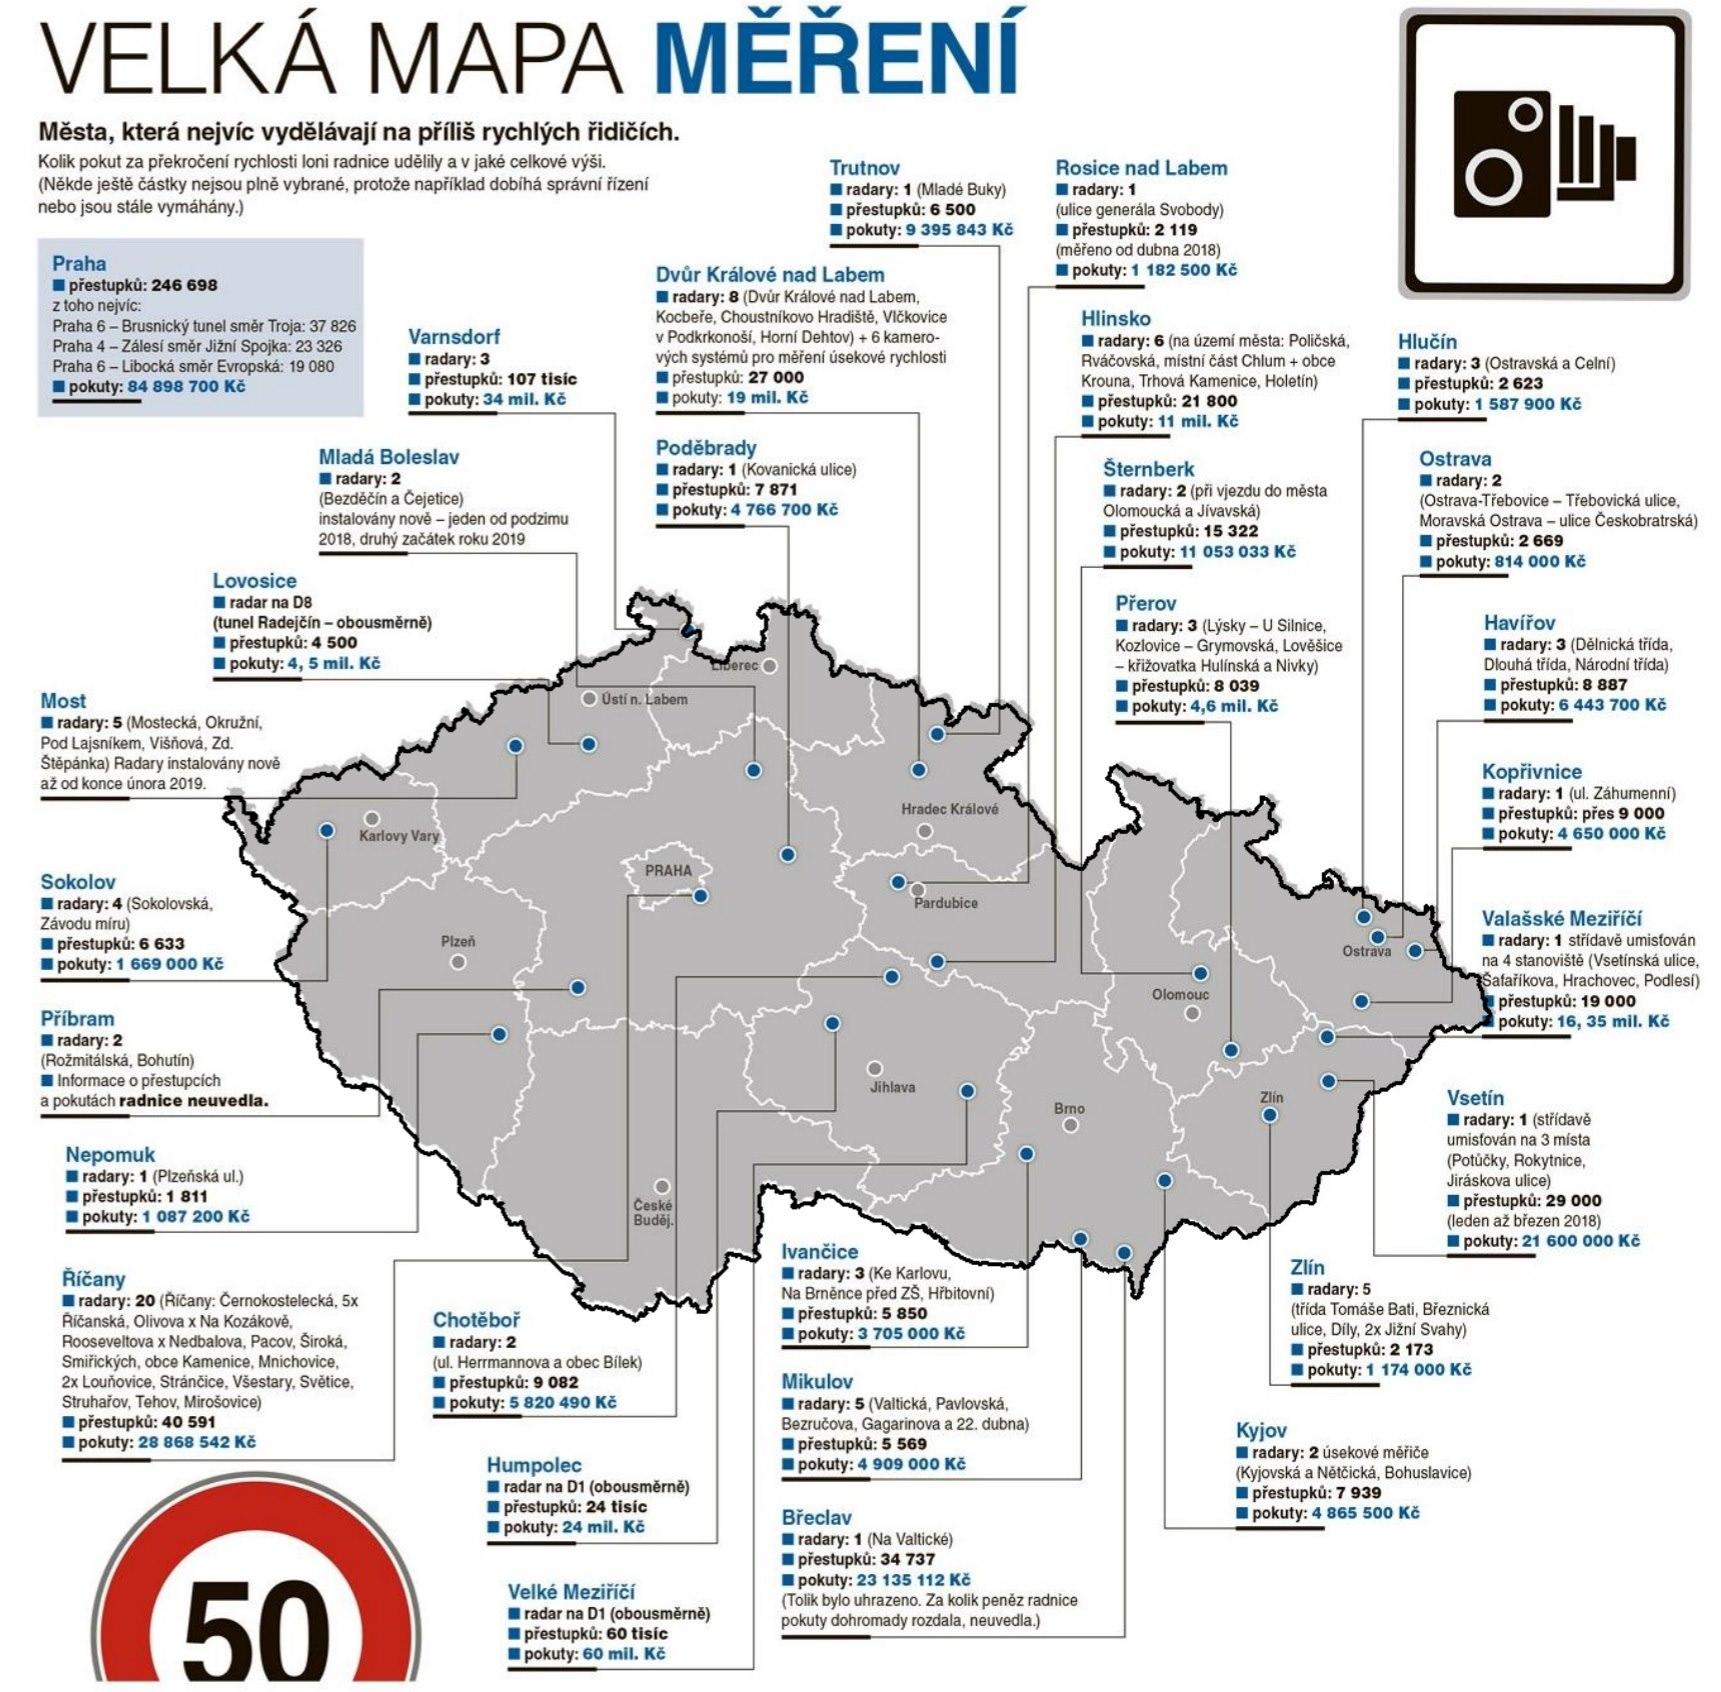 Mapa radarů měření rychlosti ve vesnici